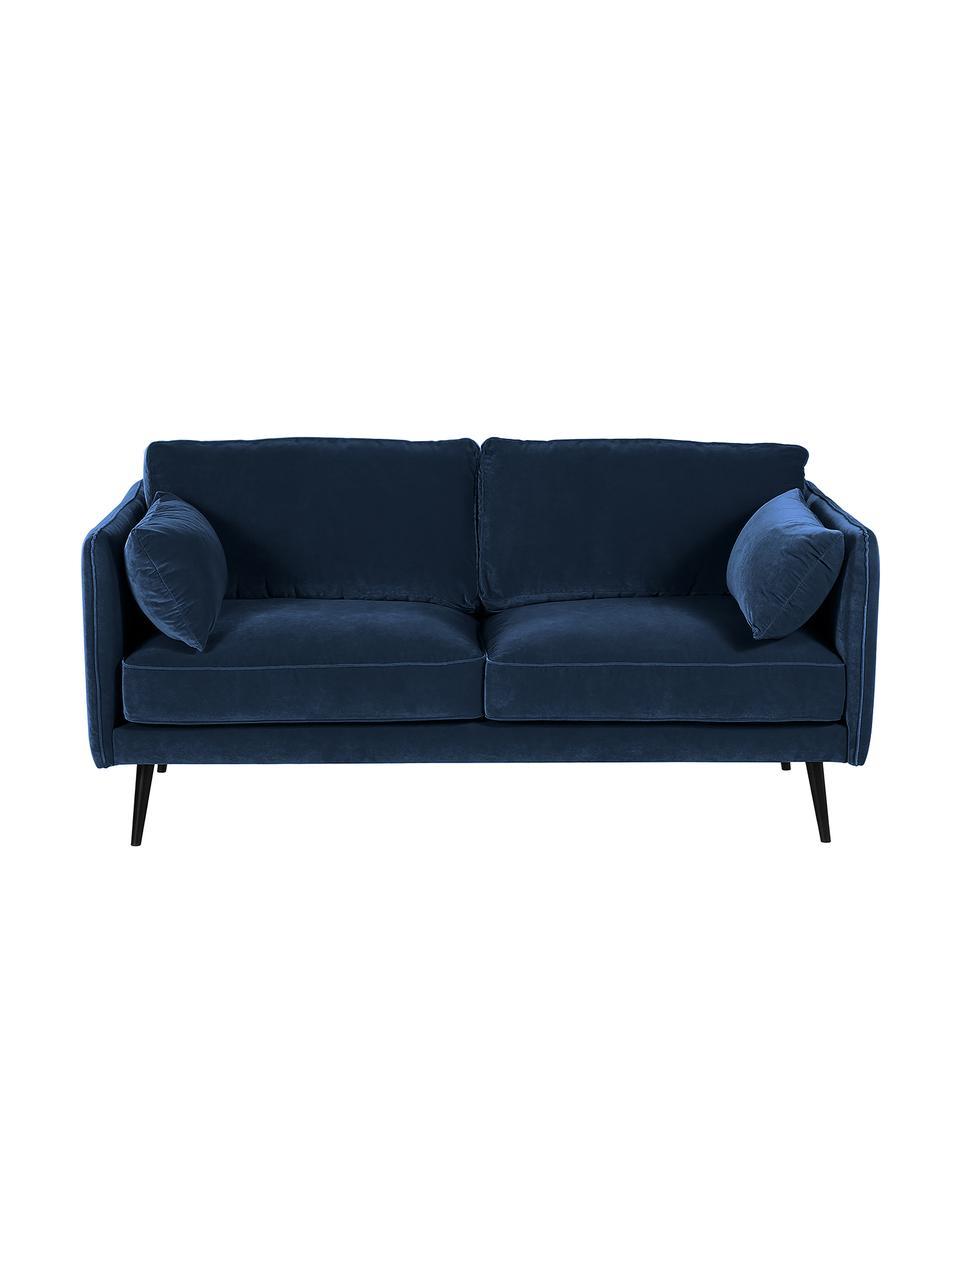 Fluwelen bank Paola (2-zits) in blauw met houten poten, Bekleding: fluweel (polyester), Frame: massief vurenhout, spaanp, Poten: gelakt vurenhout, Fluweel blauw, B 179 x D 95 cm